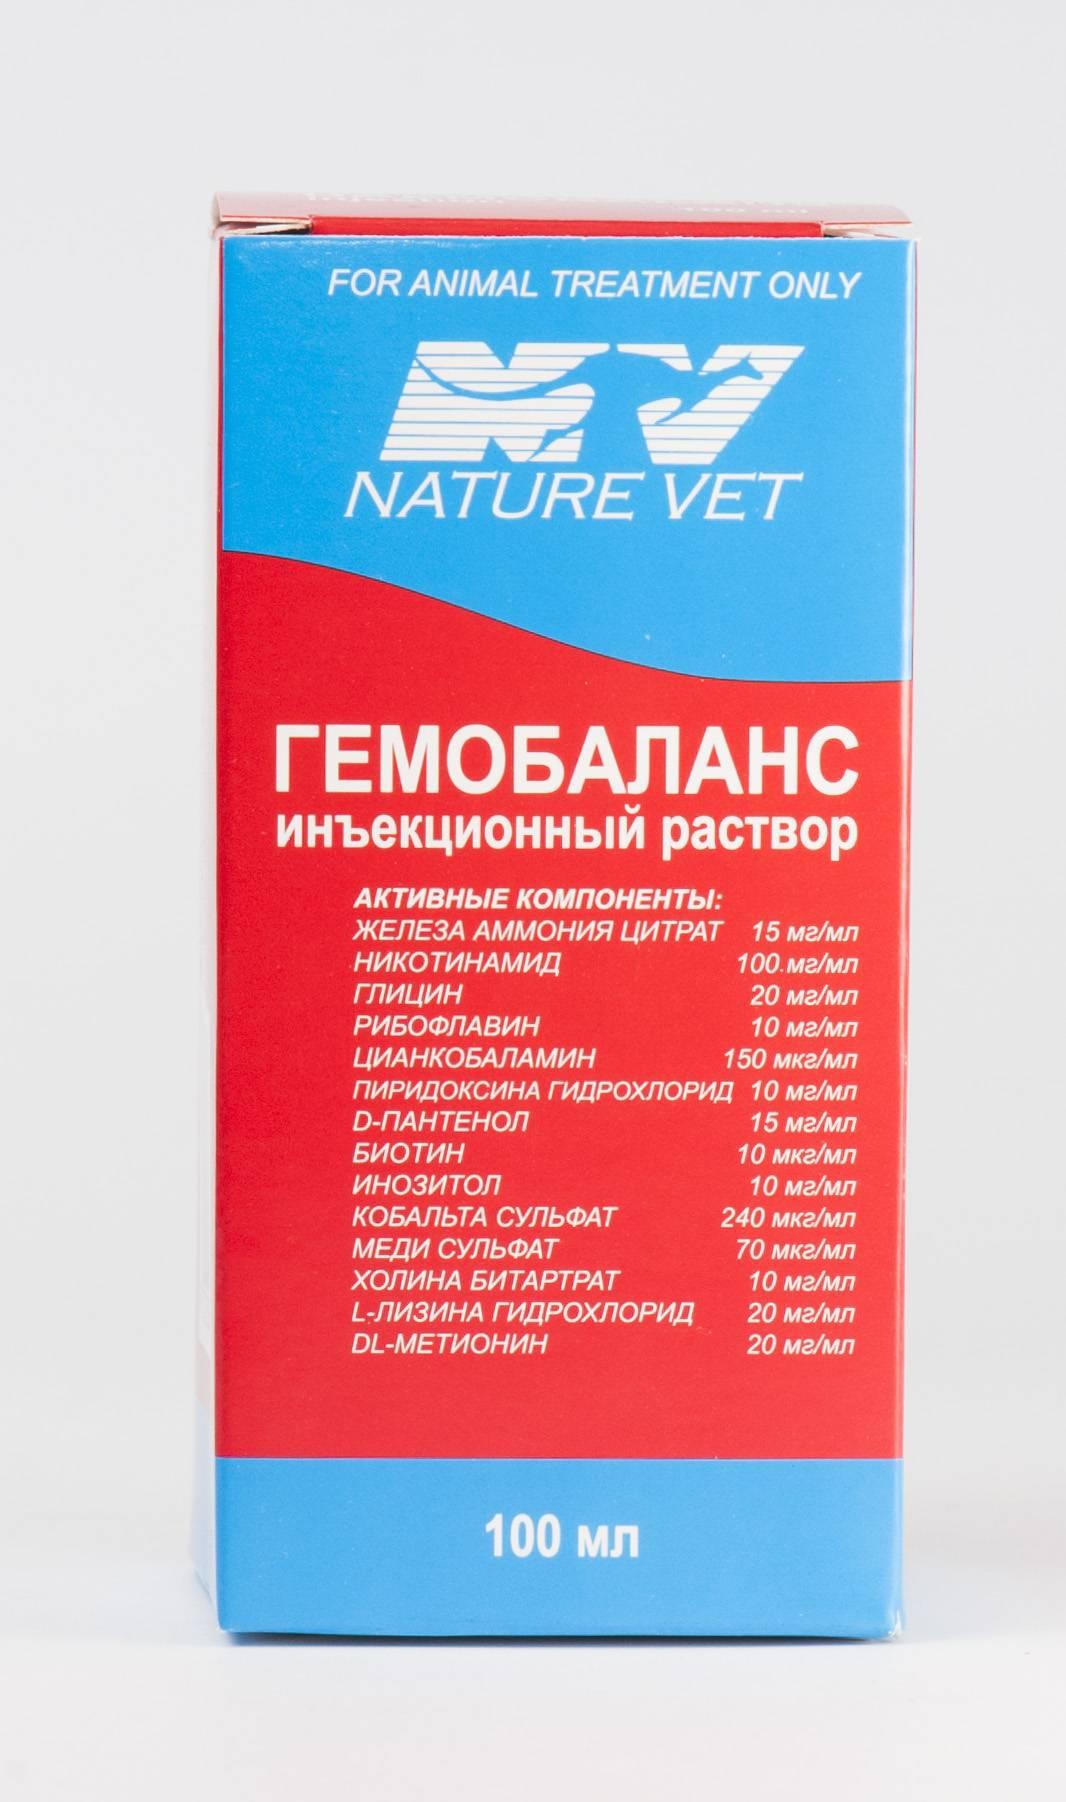 Гемобаланс (раствор) для кошек и собак | отзывы о применении препаратов для животных от ветеринаров и заводчиков